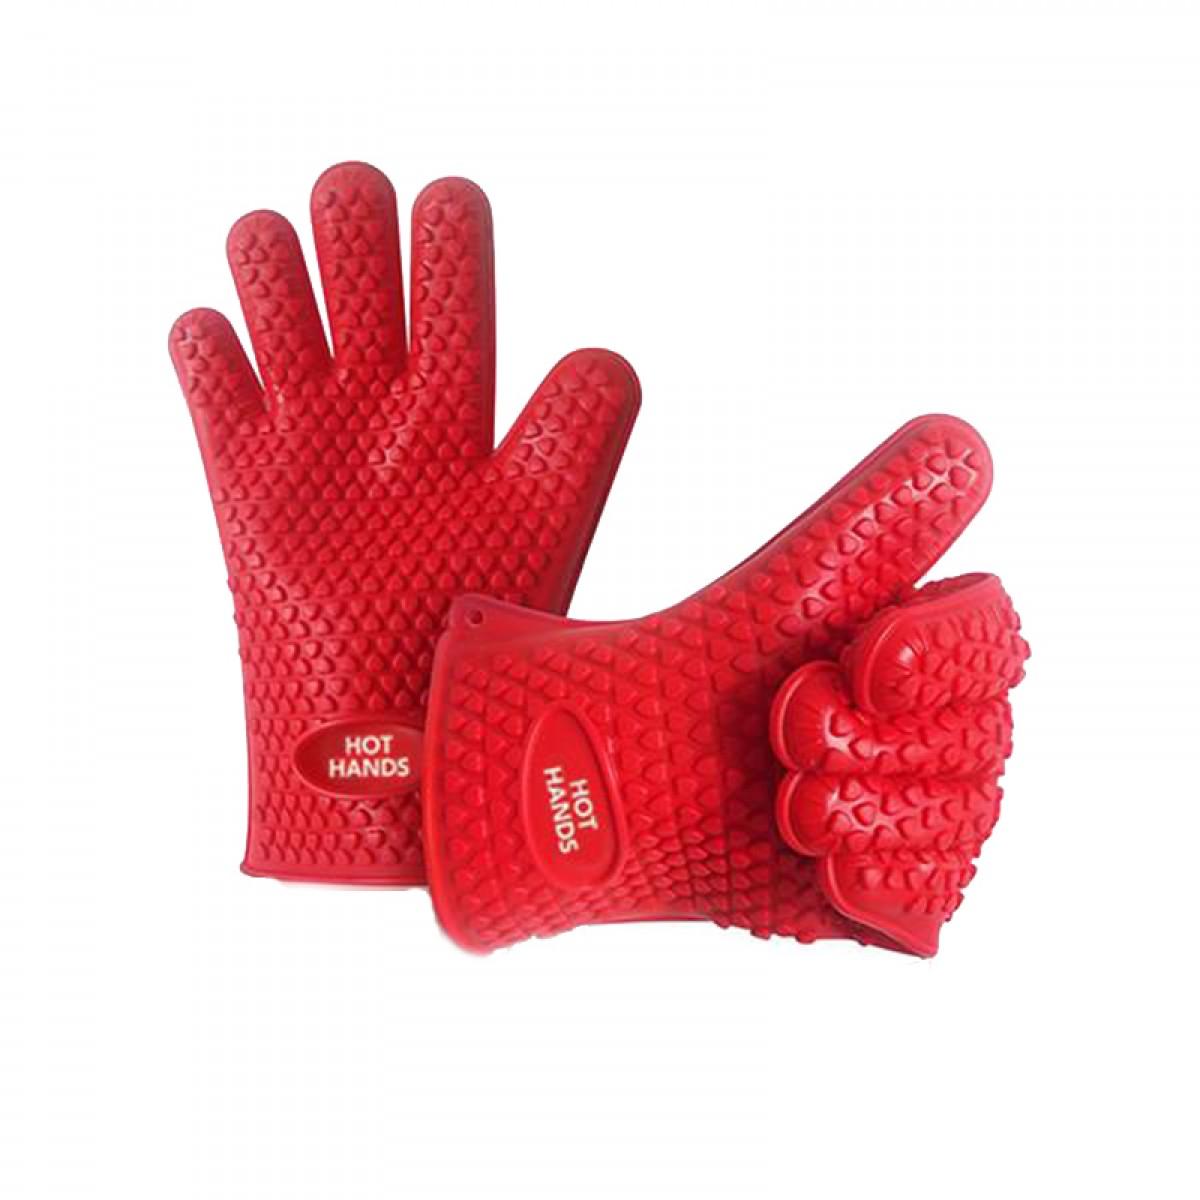 Γάντια από σιλικόνη για υψηλές θερμοκρασίες - Hot hands